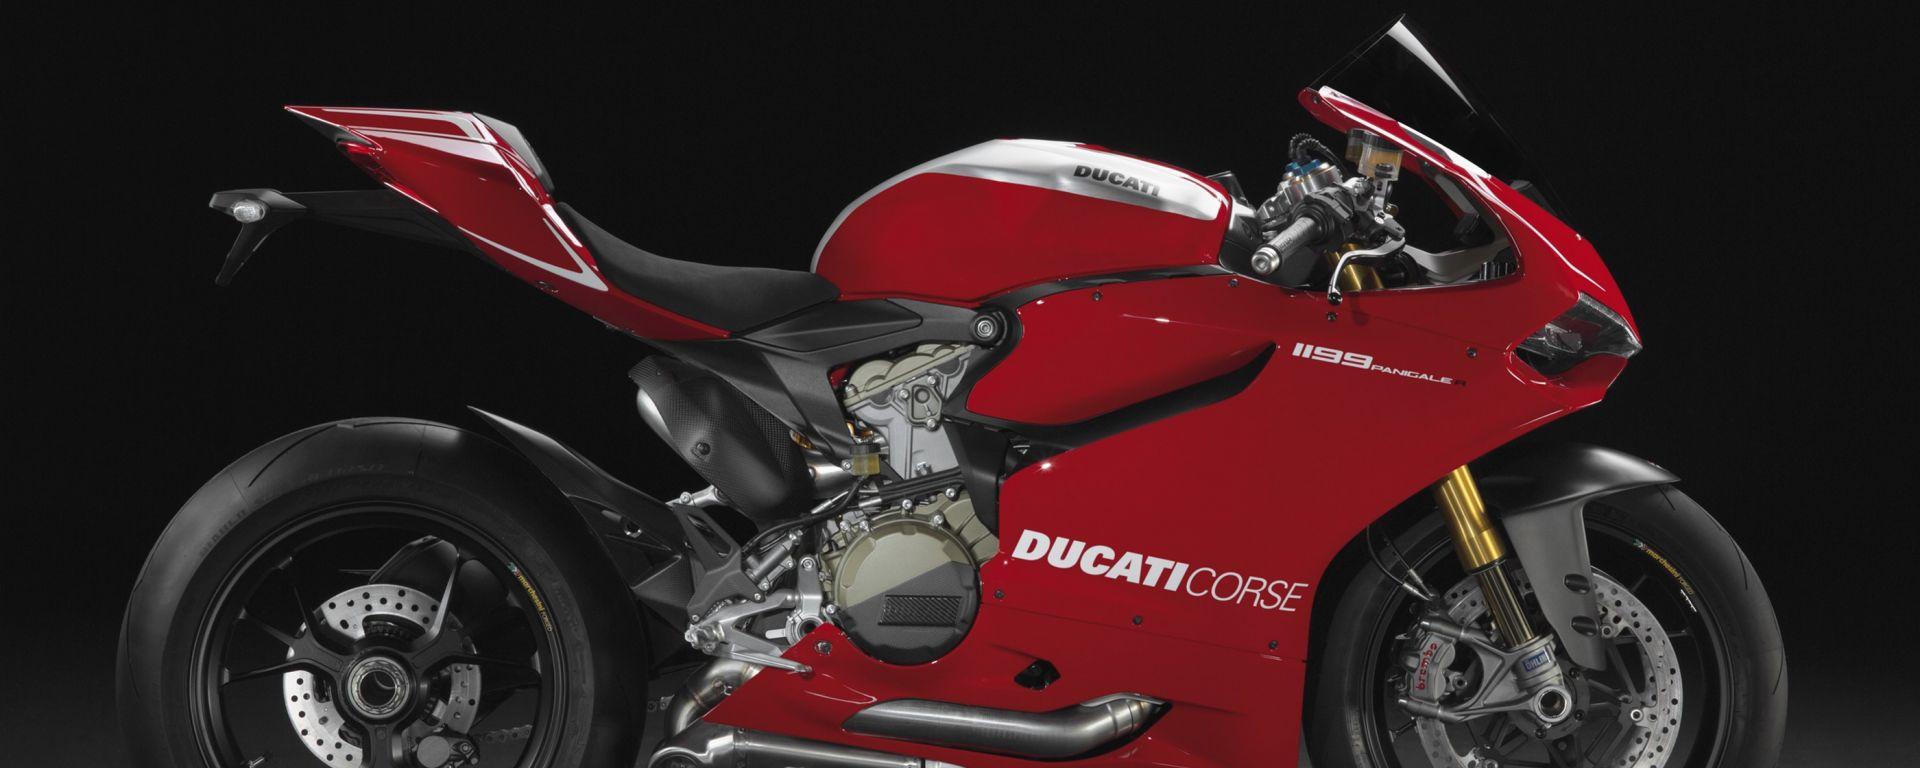 Ducati Panigale R, anche in video